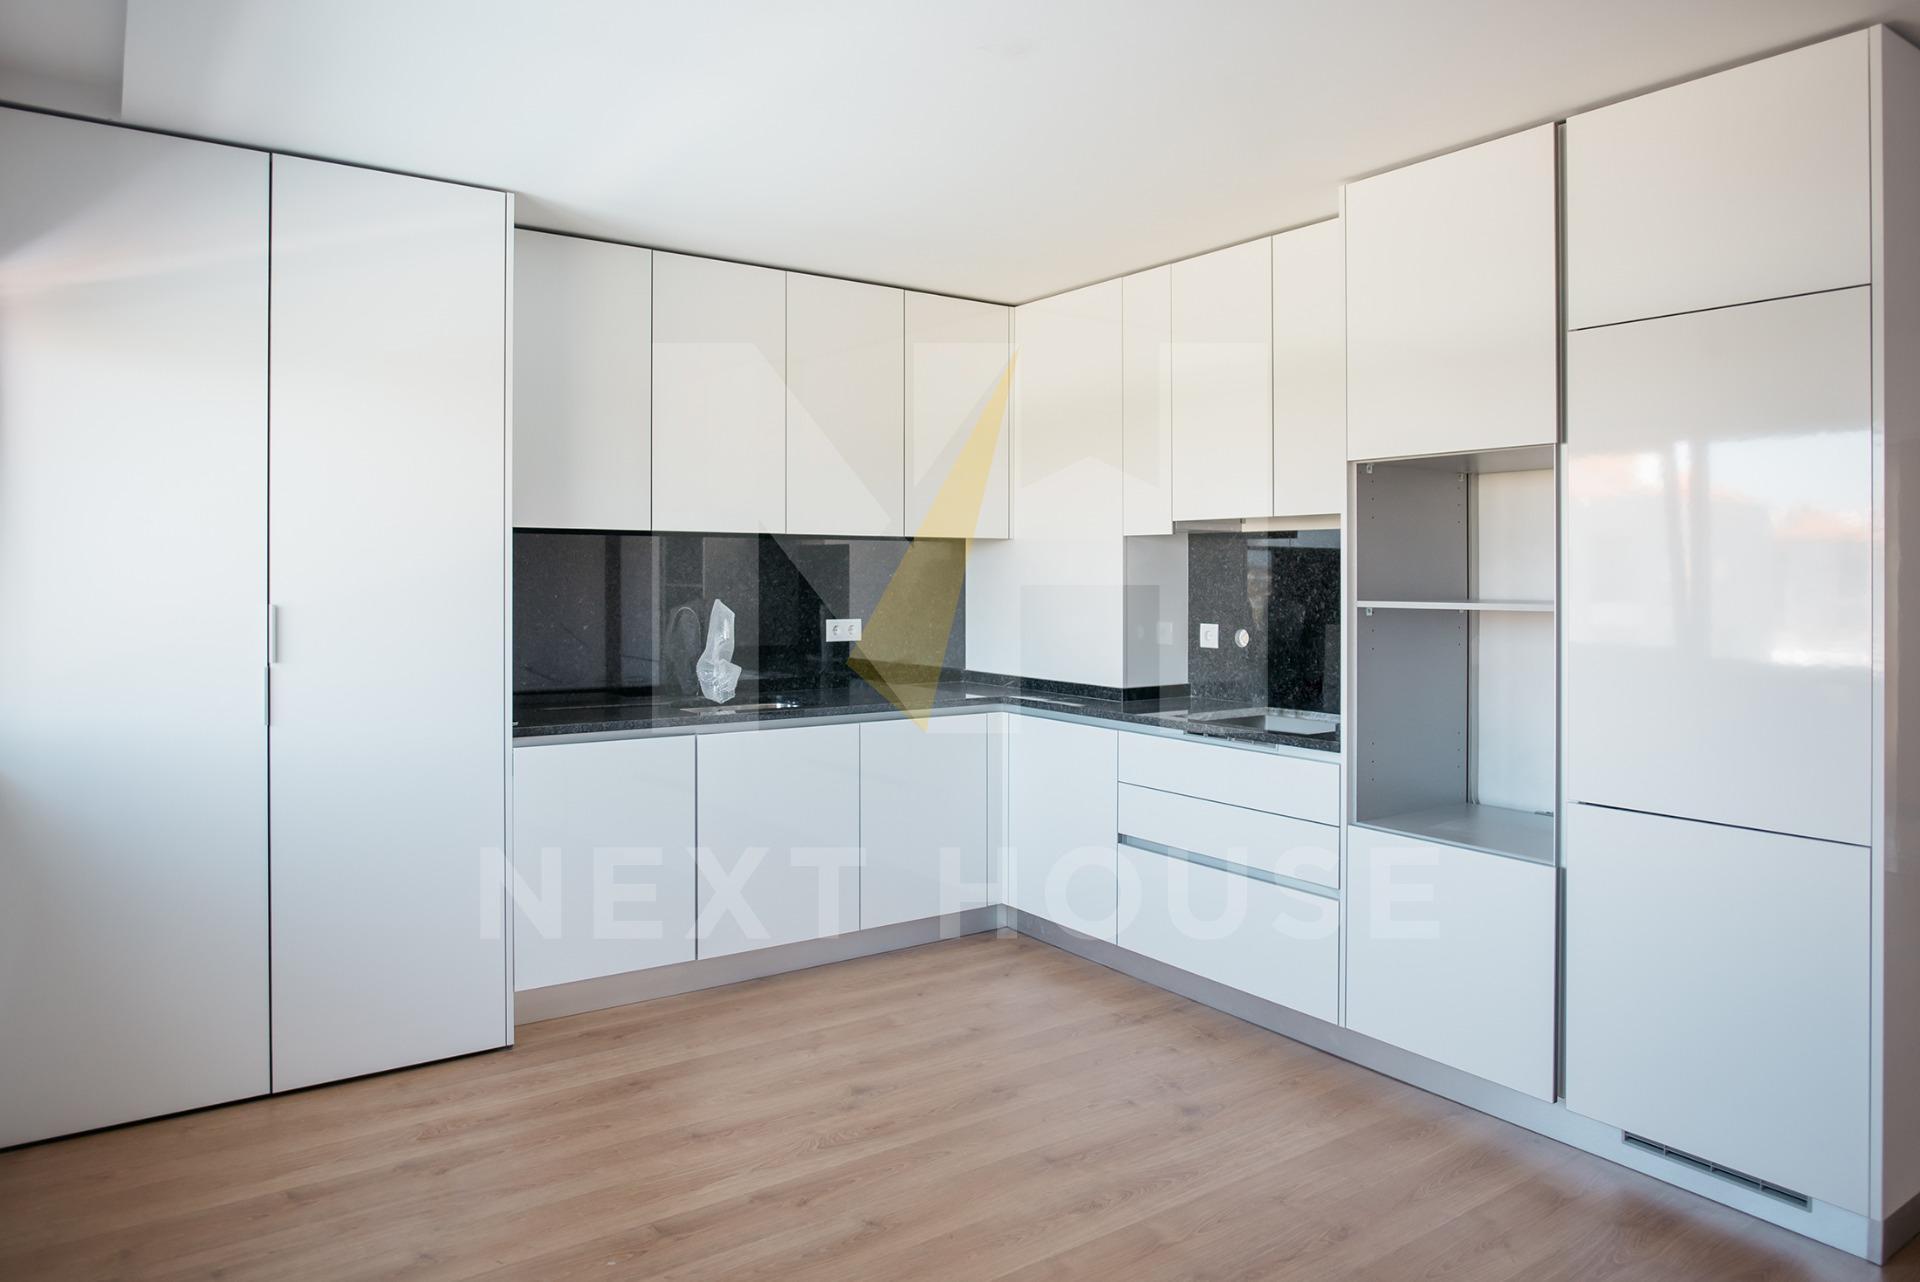 Apartamento T1 novo  em Aveiro  - Aveiro, UDF De Glória E Vera Cruz